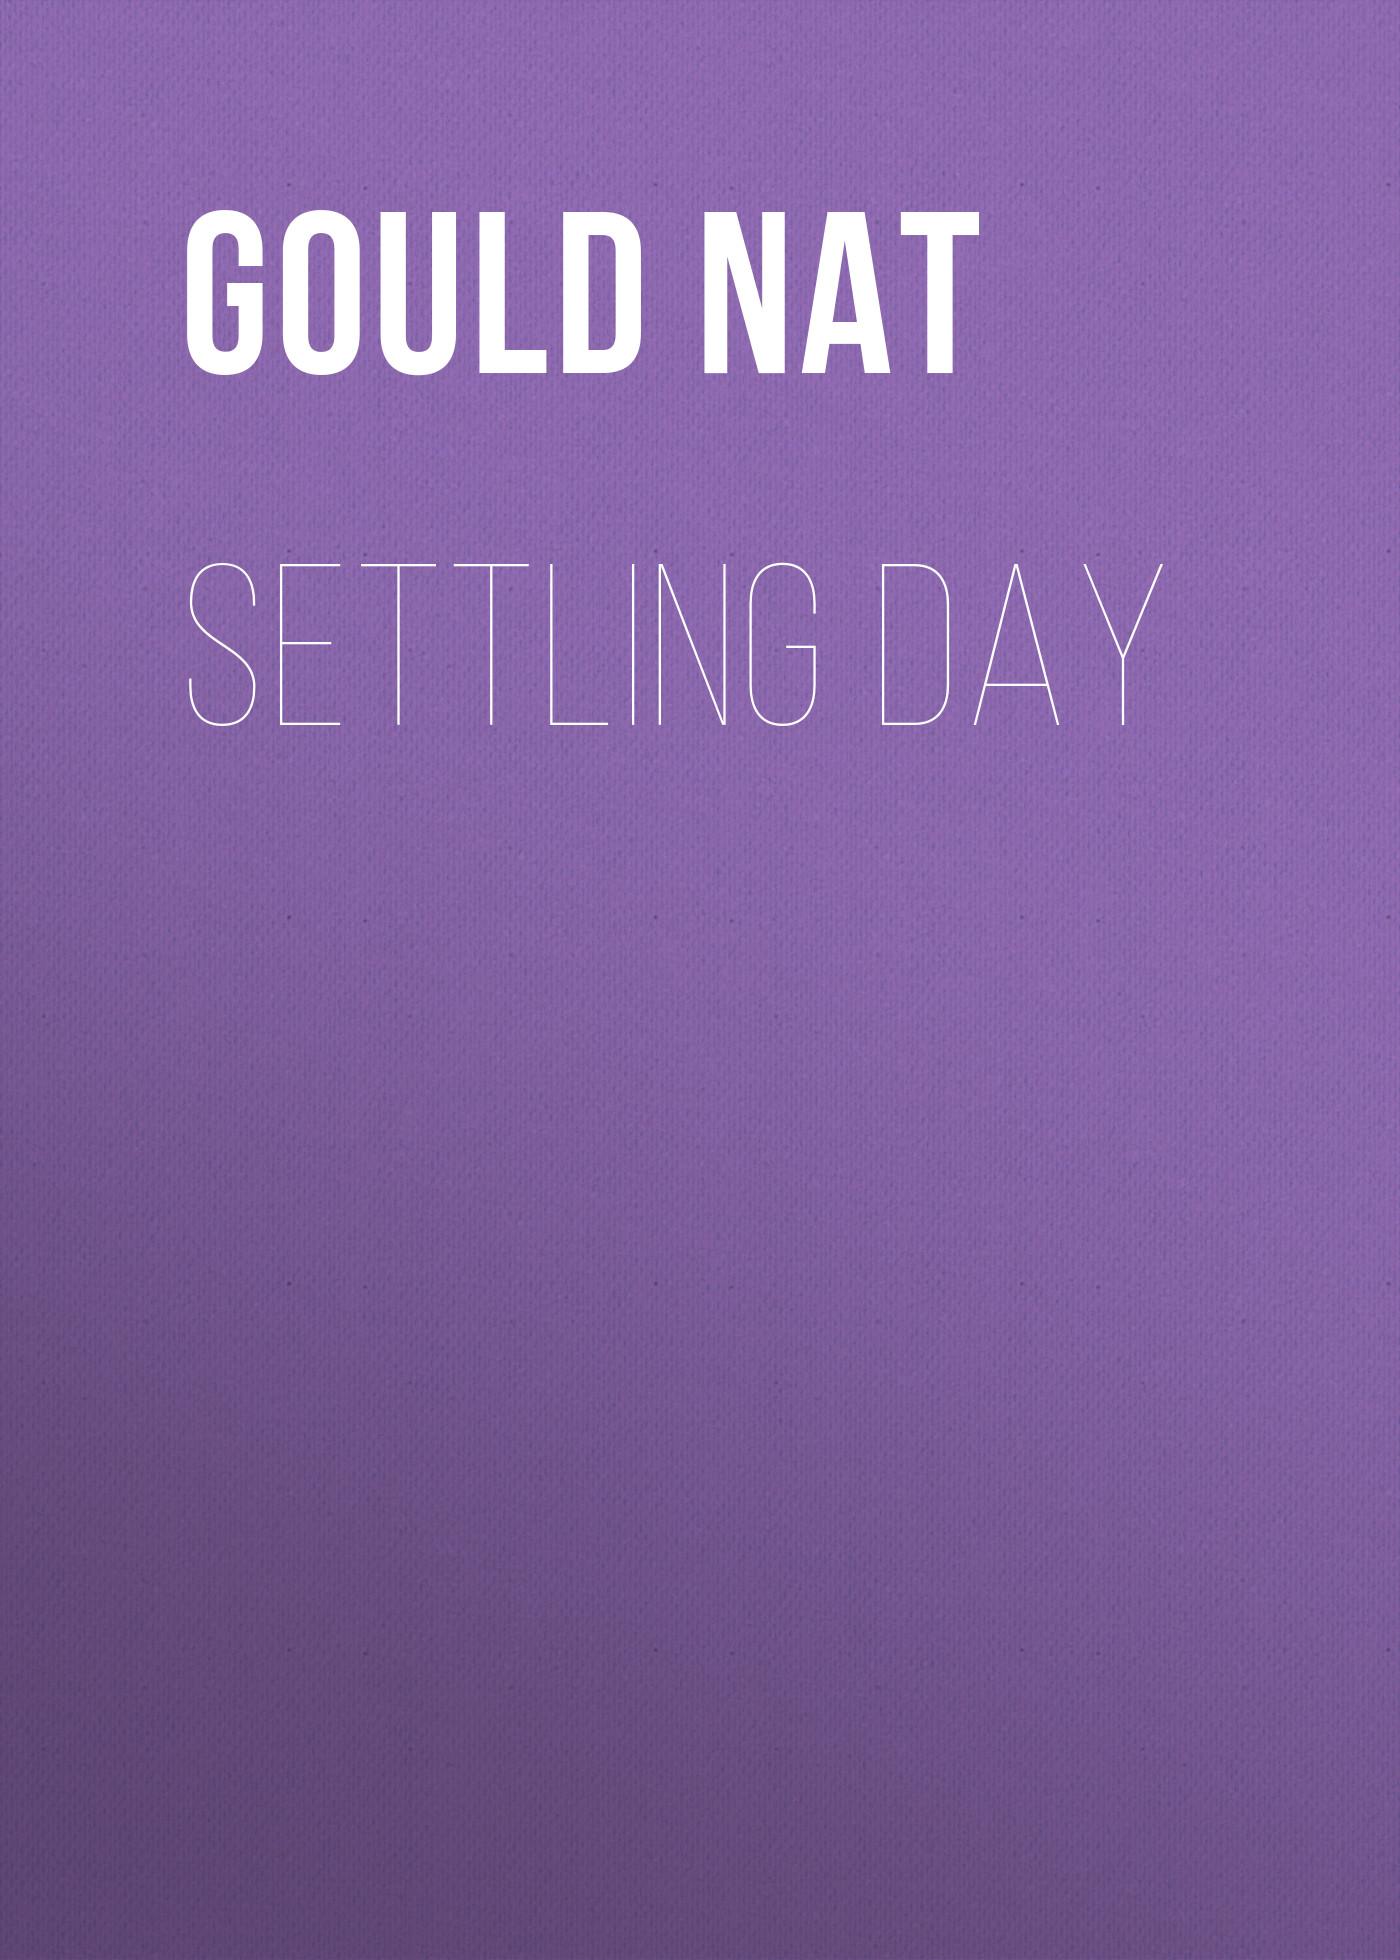 цена Gould Nat Settling Day онлайн в 2017 году